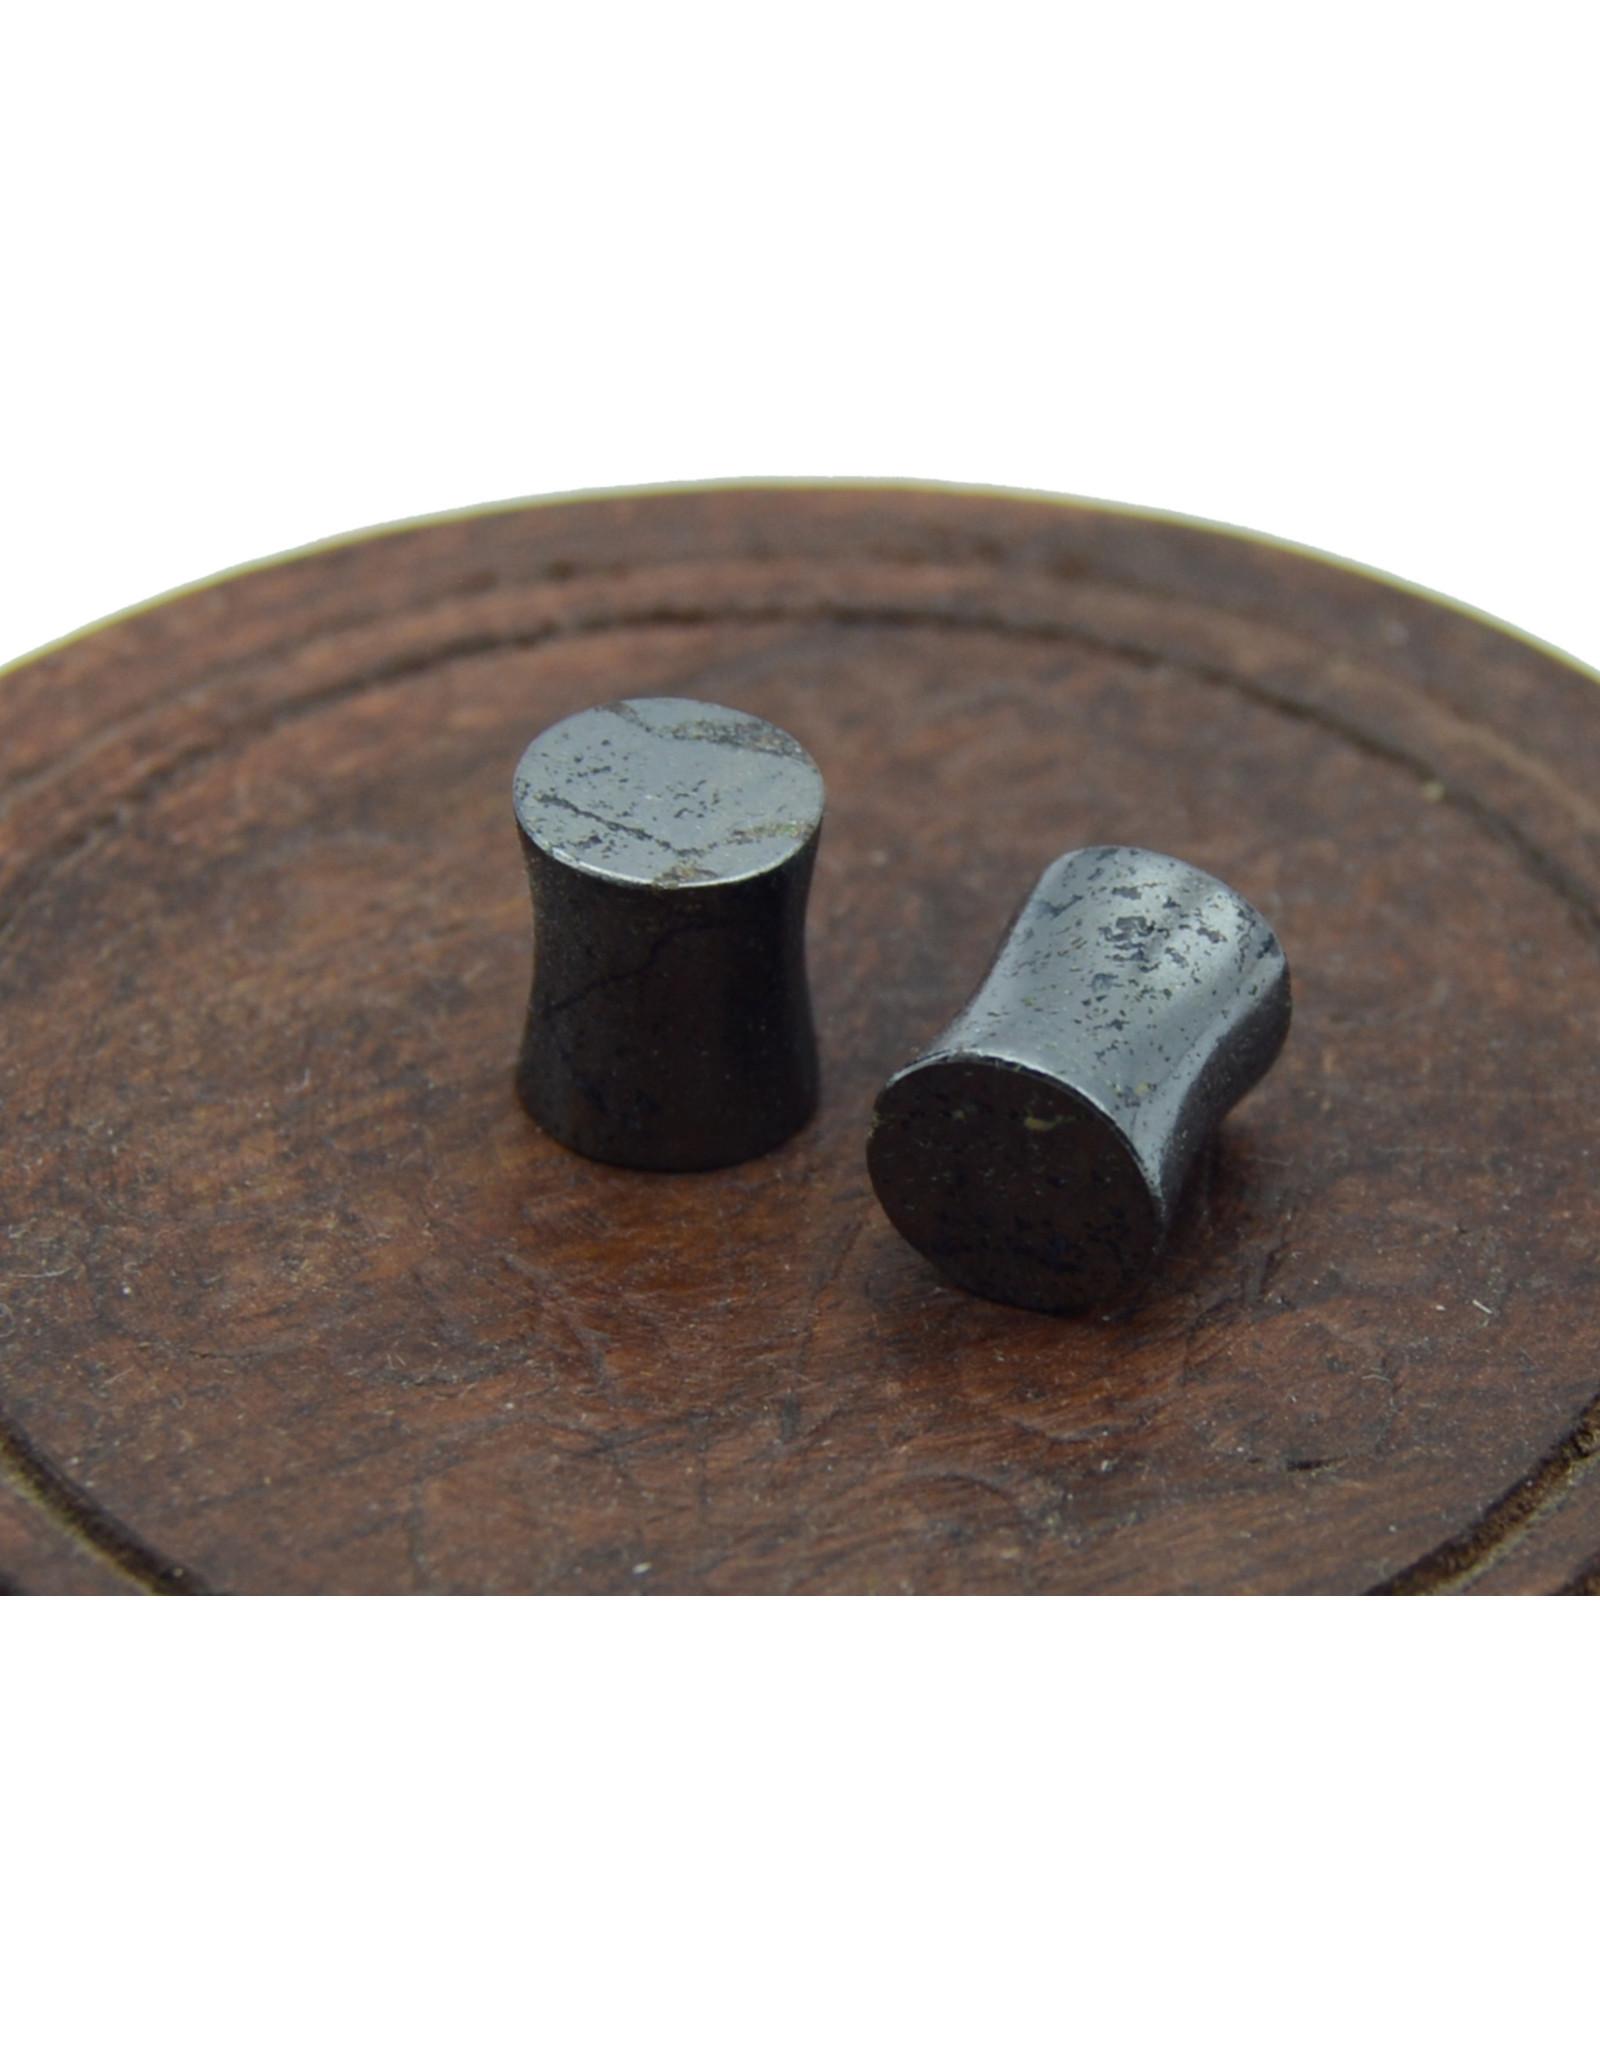 Hematite Ear Plugs